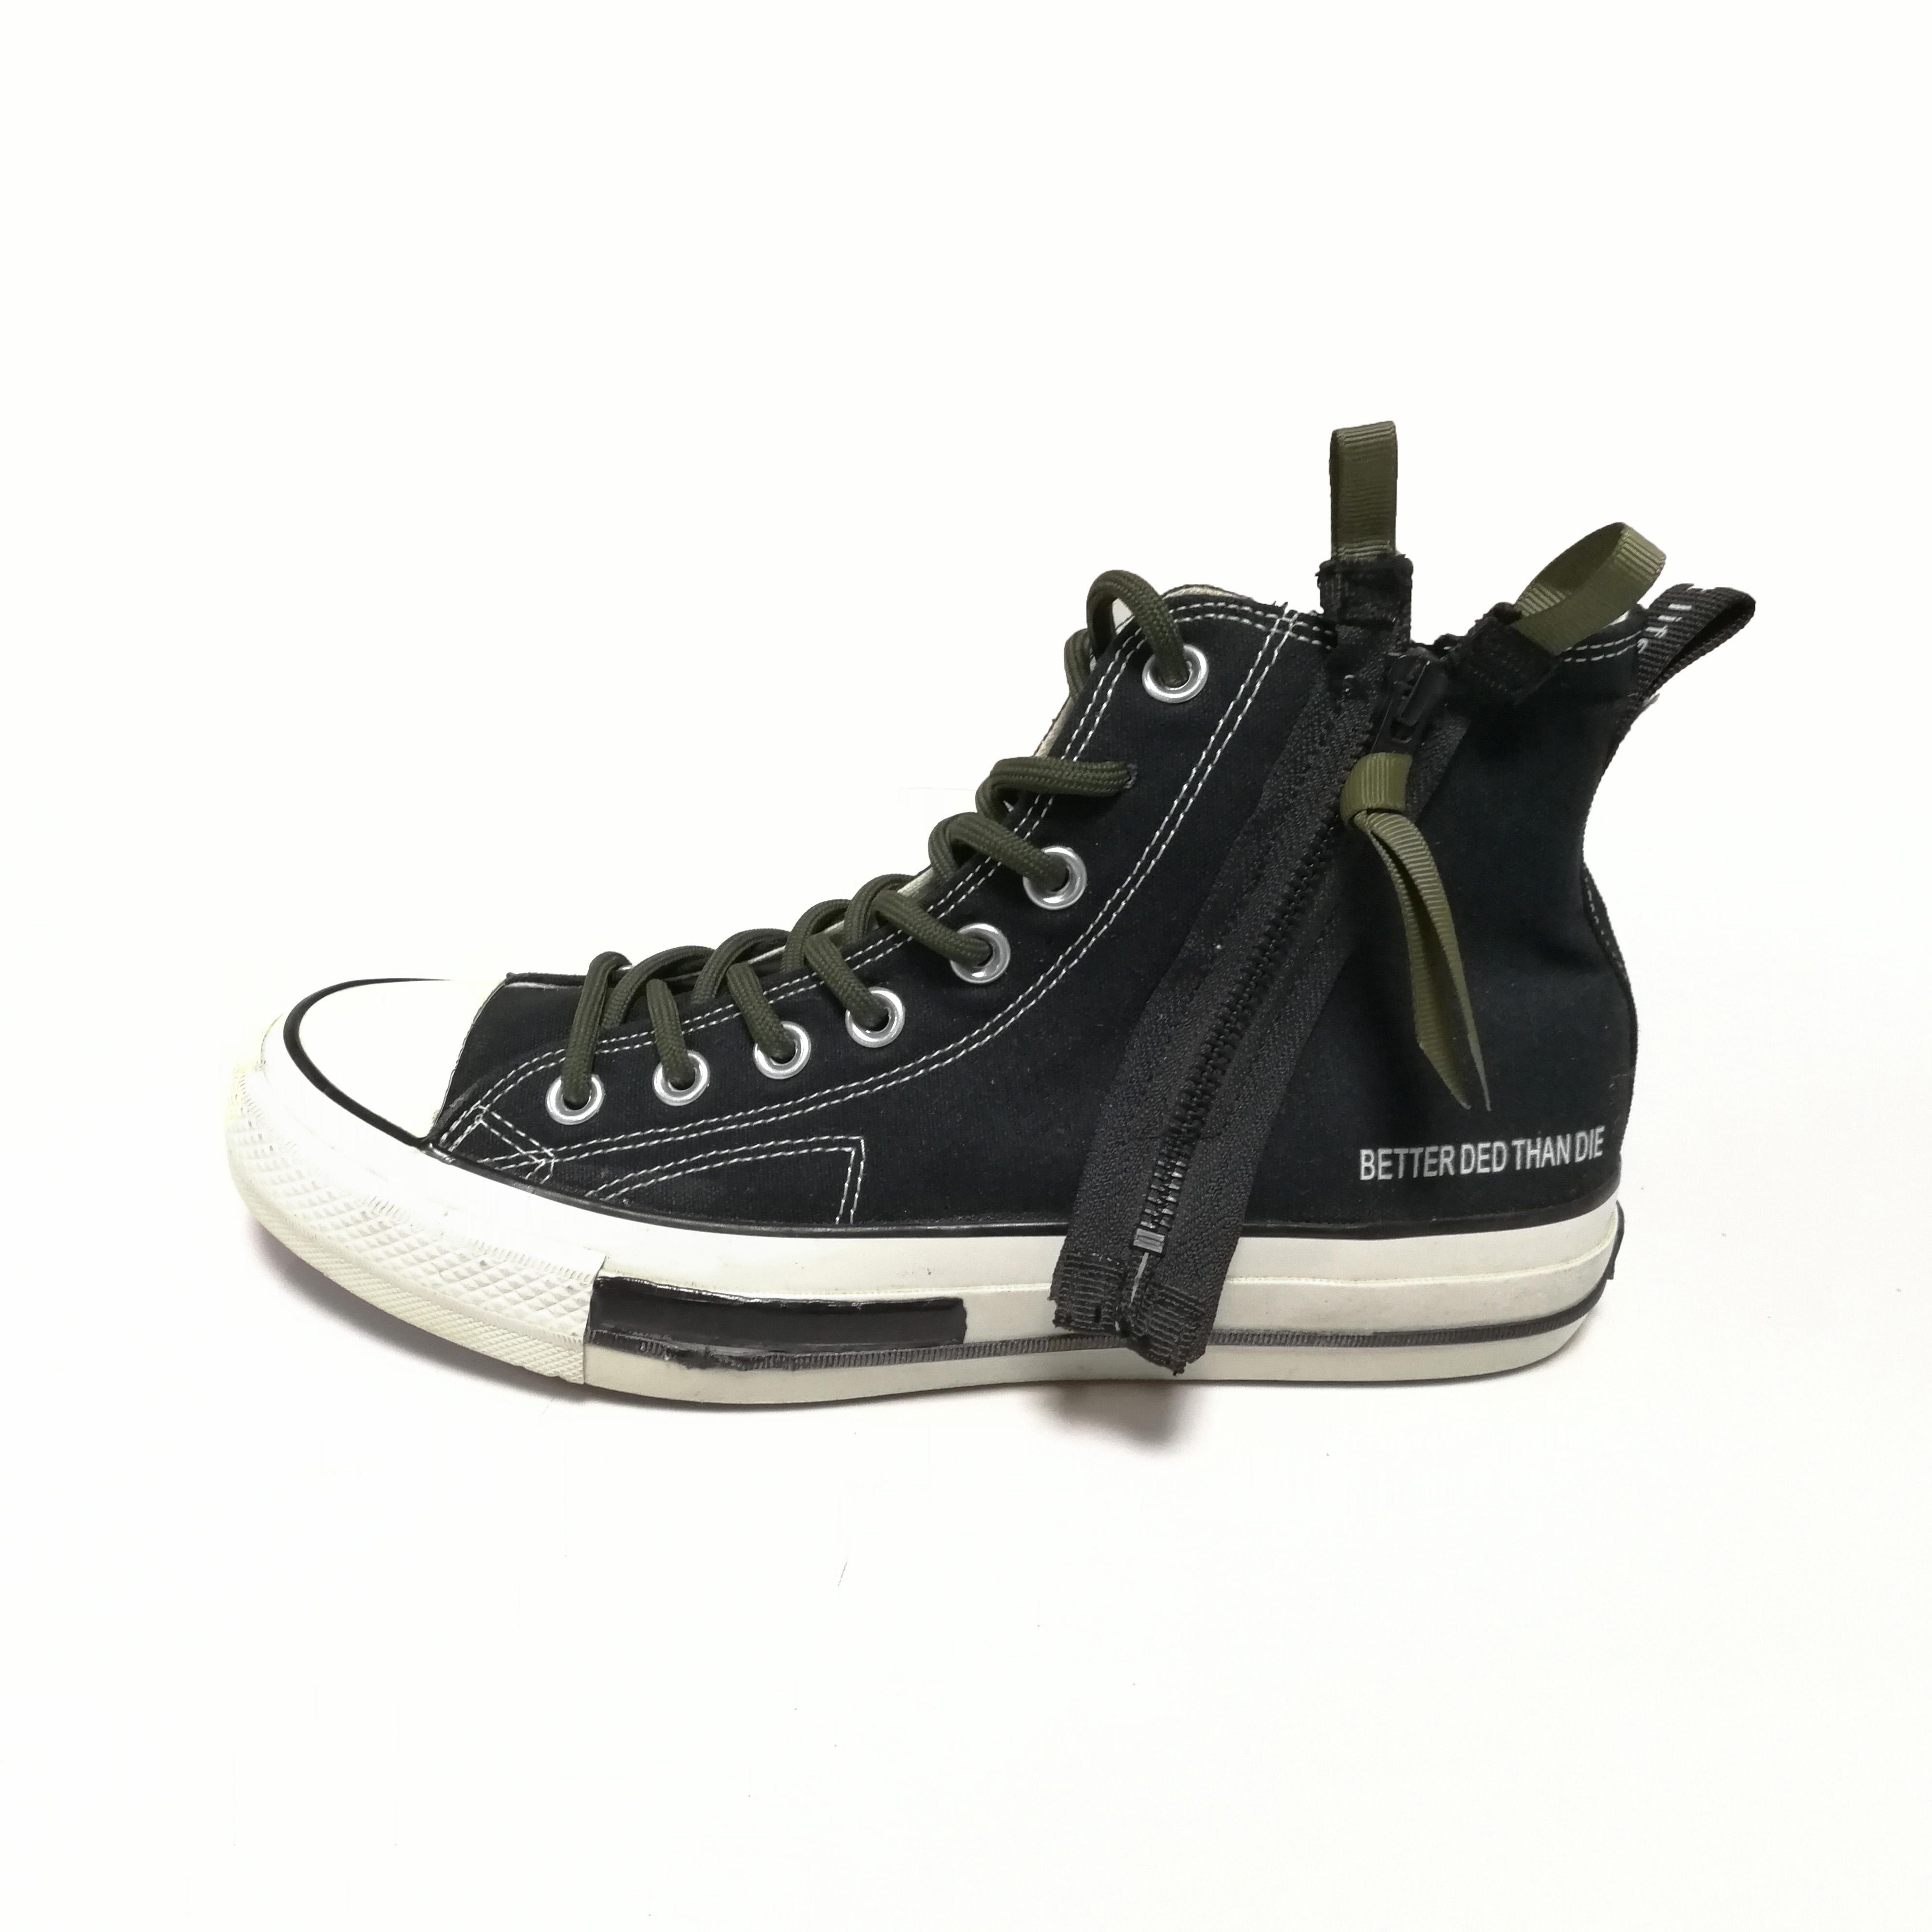 Özel profesyonel erkek ve kadın spor ayakkabı kaykay ayakkabı